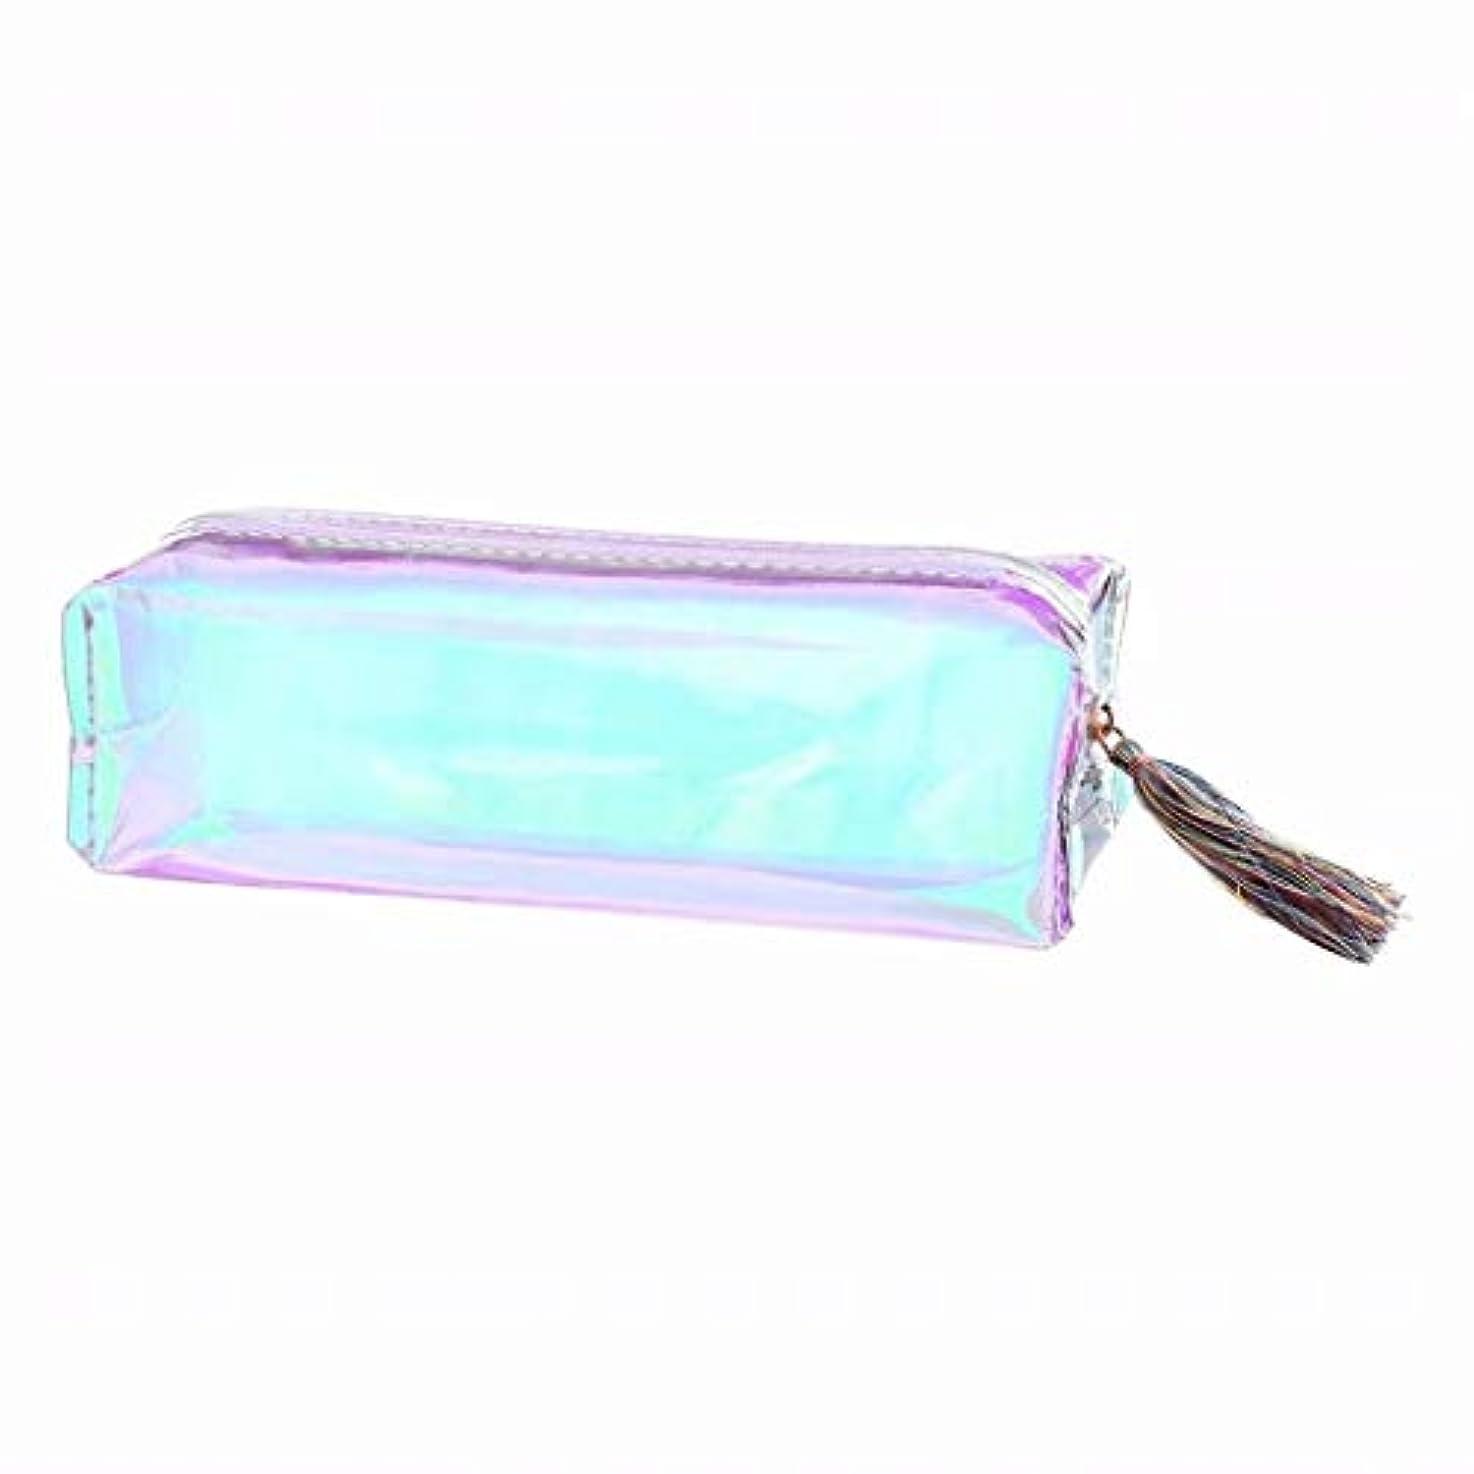 思慮のない写真を描くリダクター七里の香 大容量の文房具の鉛筆のペンケースの化粧品袋のジッパーの袋の財布